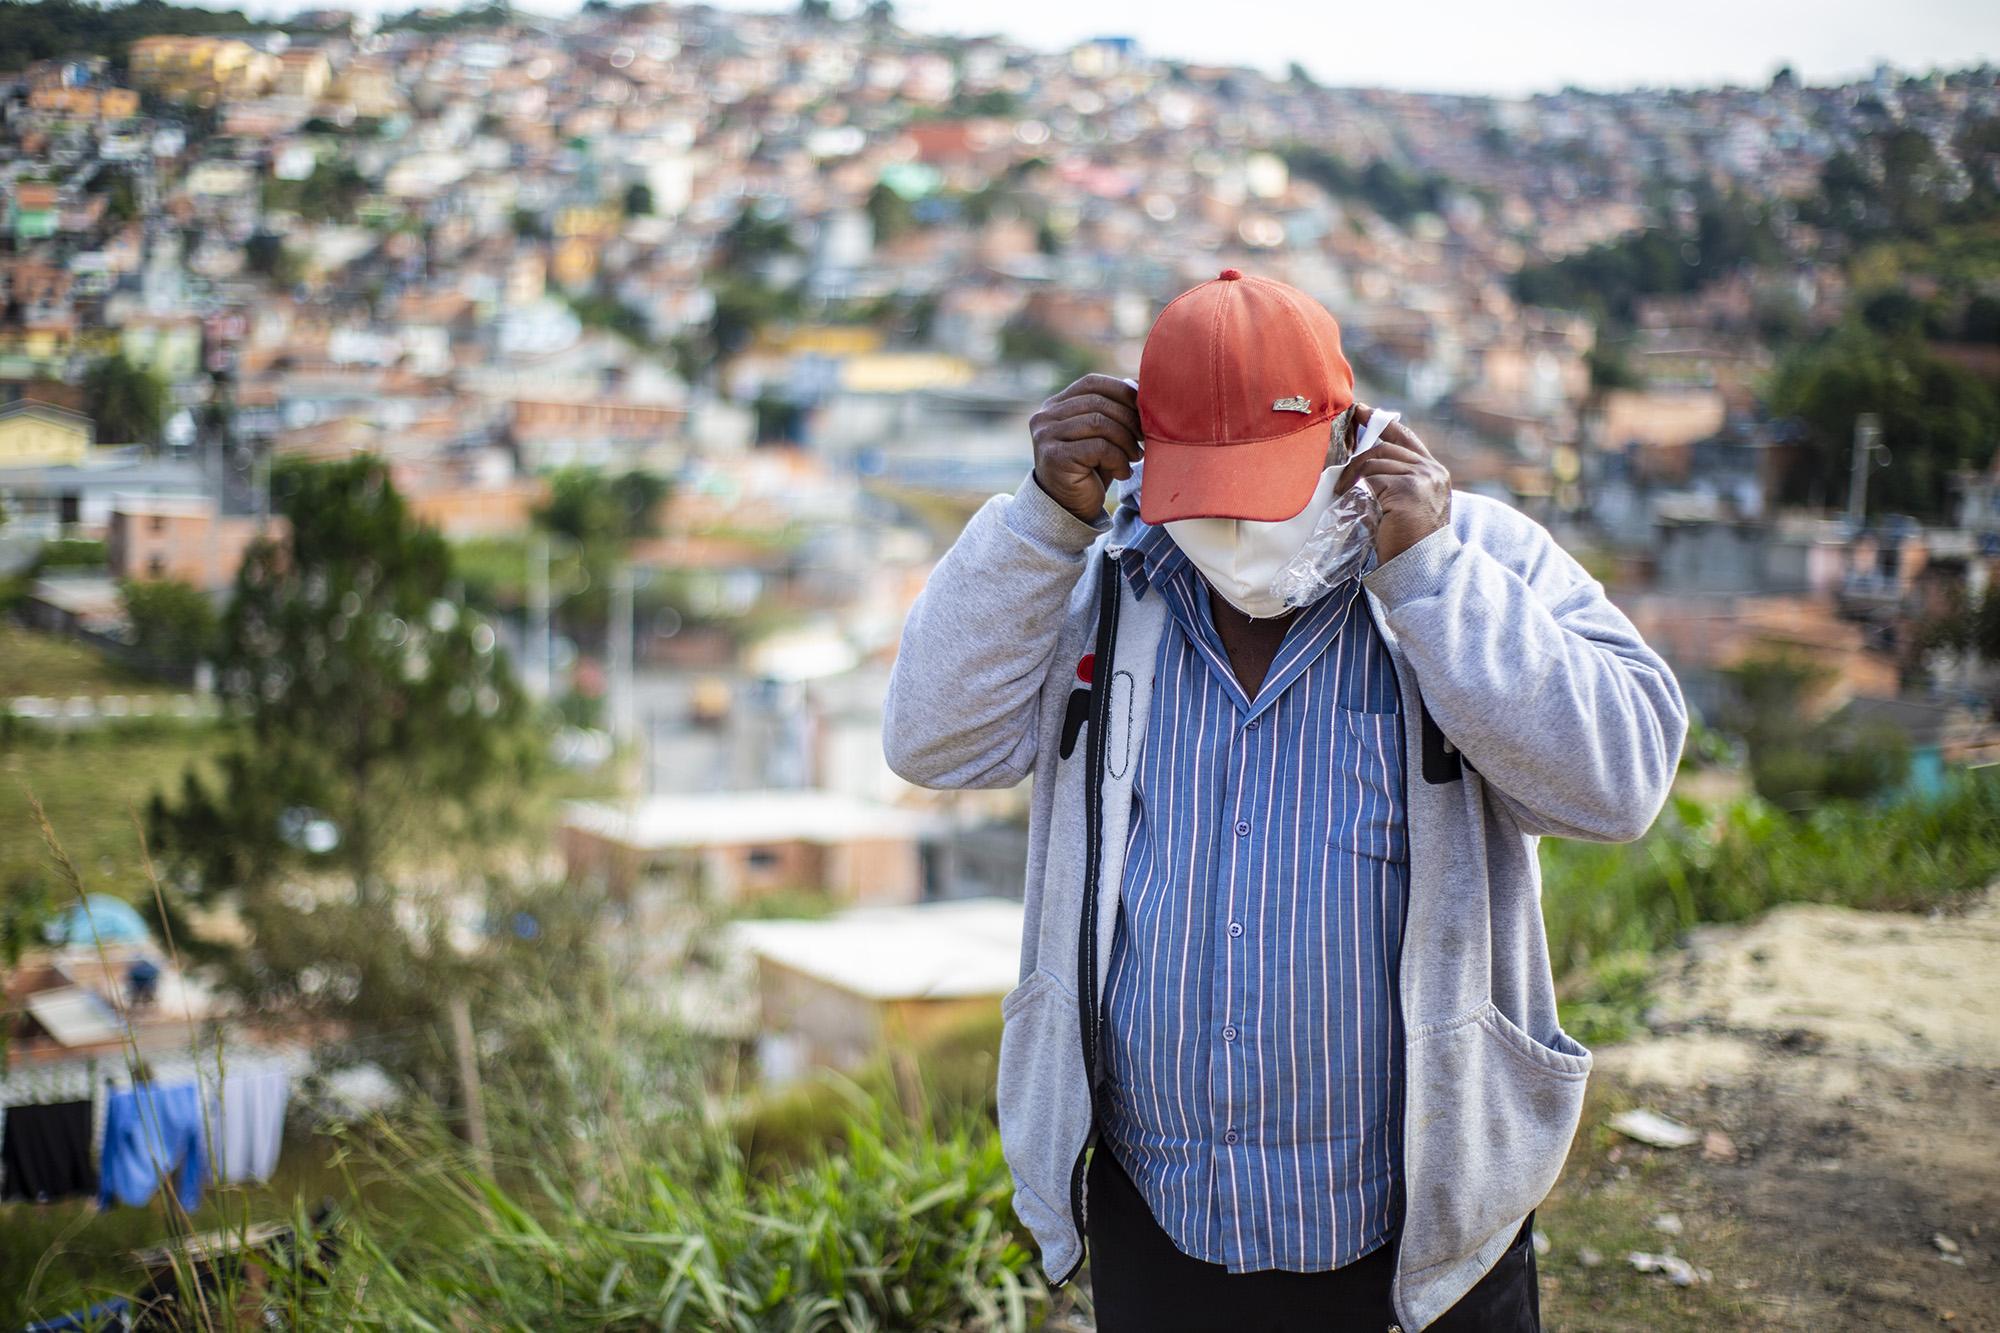 Milhares de máscaras já foram distribuídas pela Prefeitura de Cotia